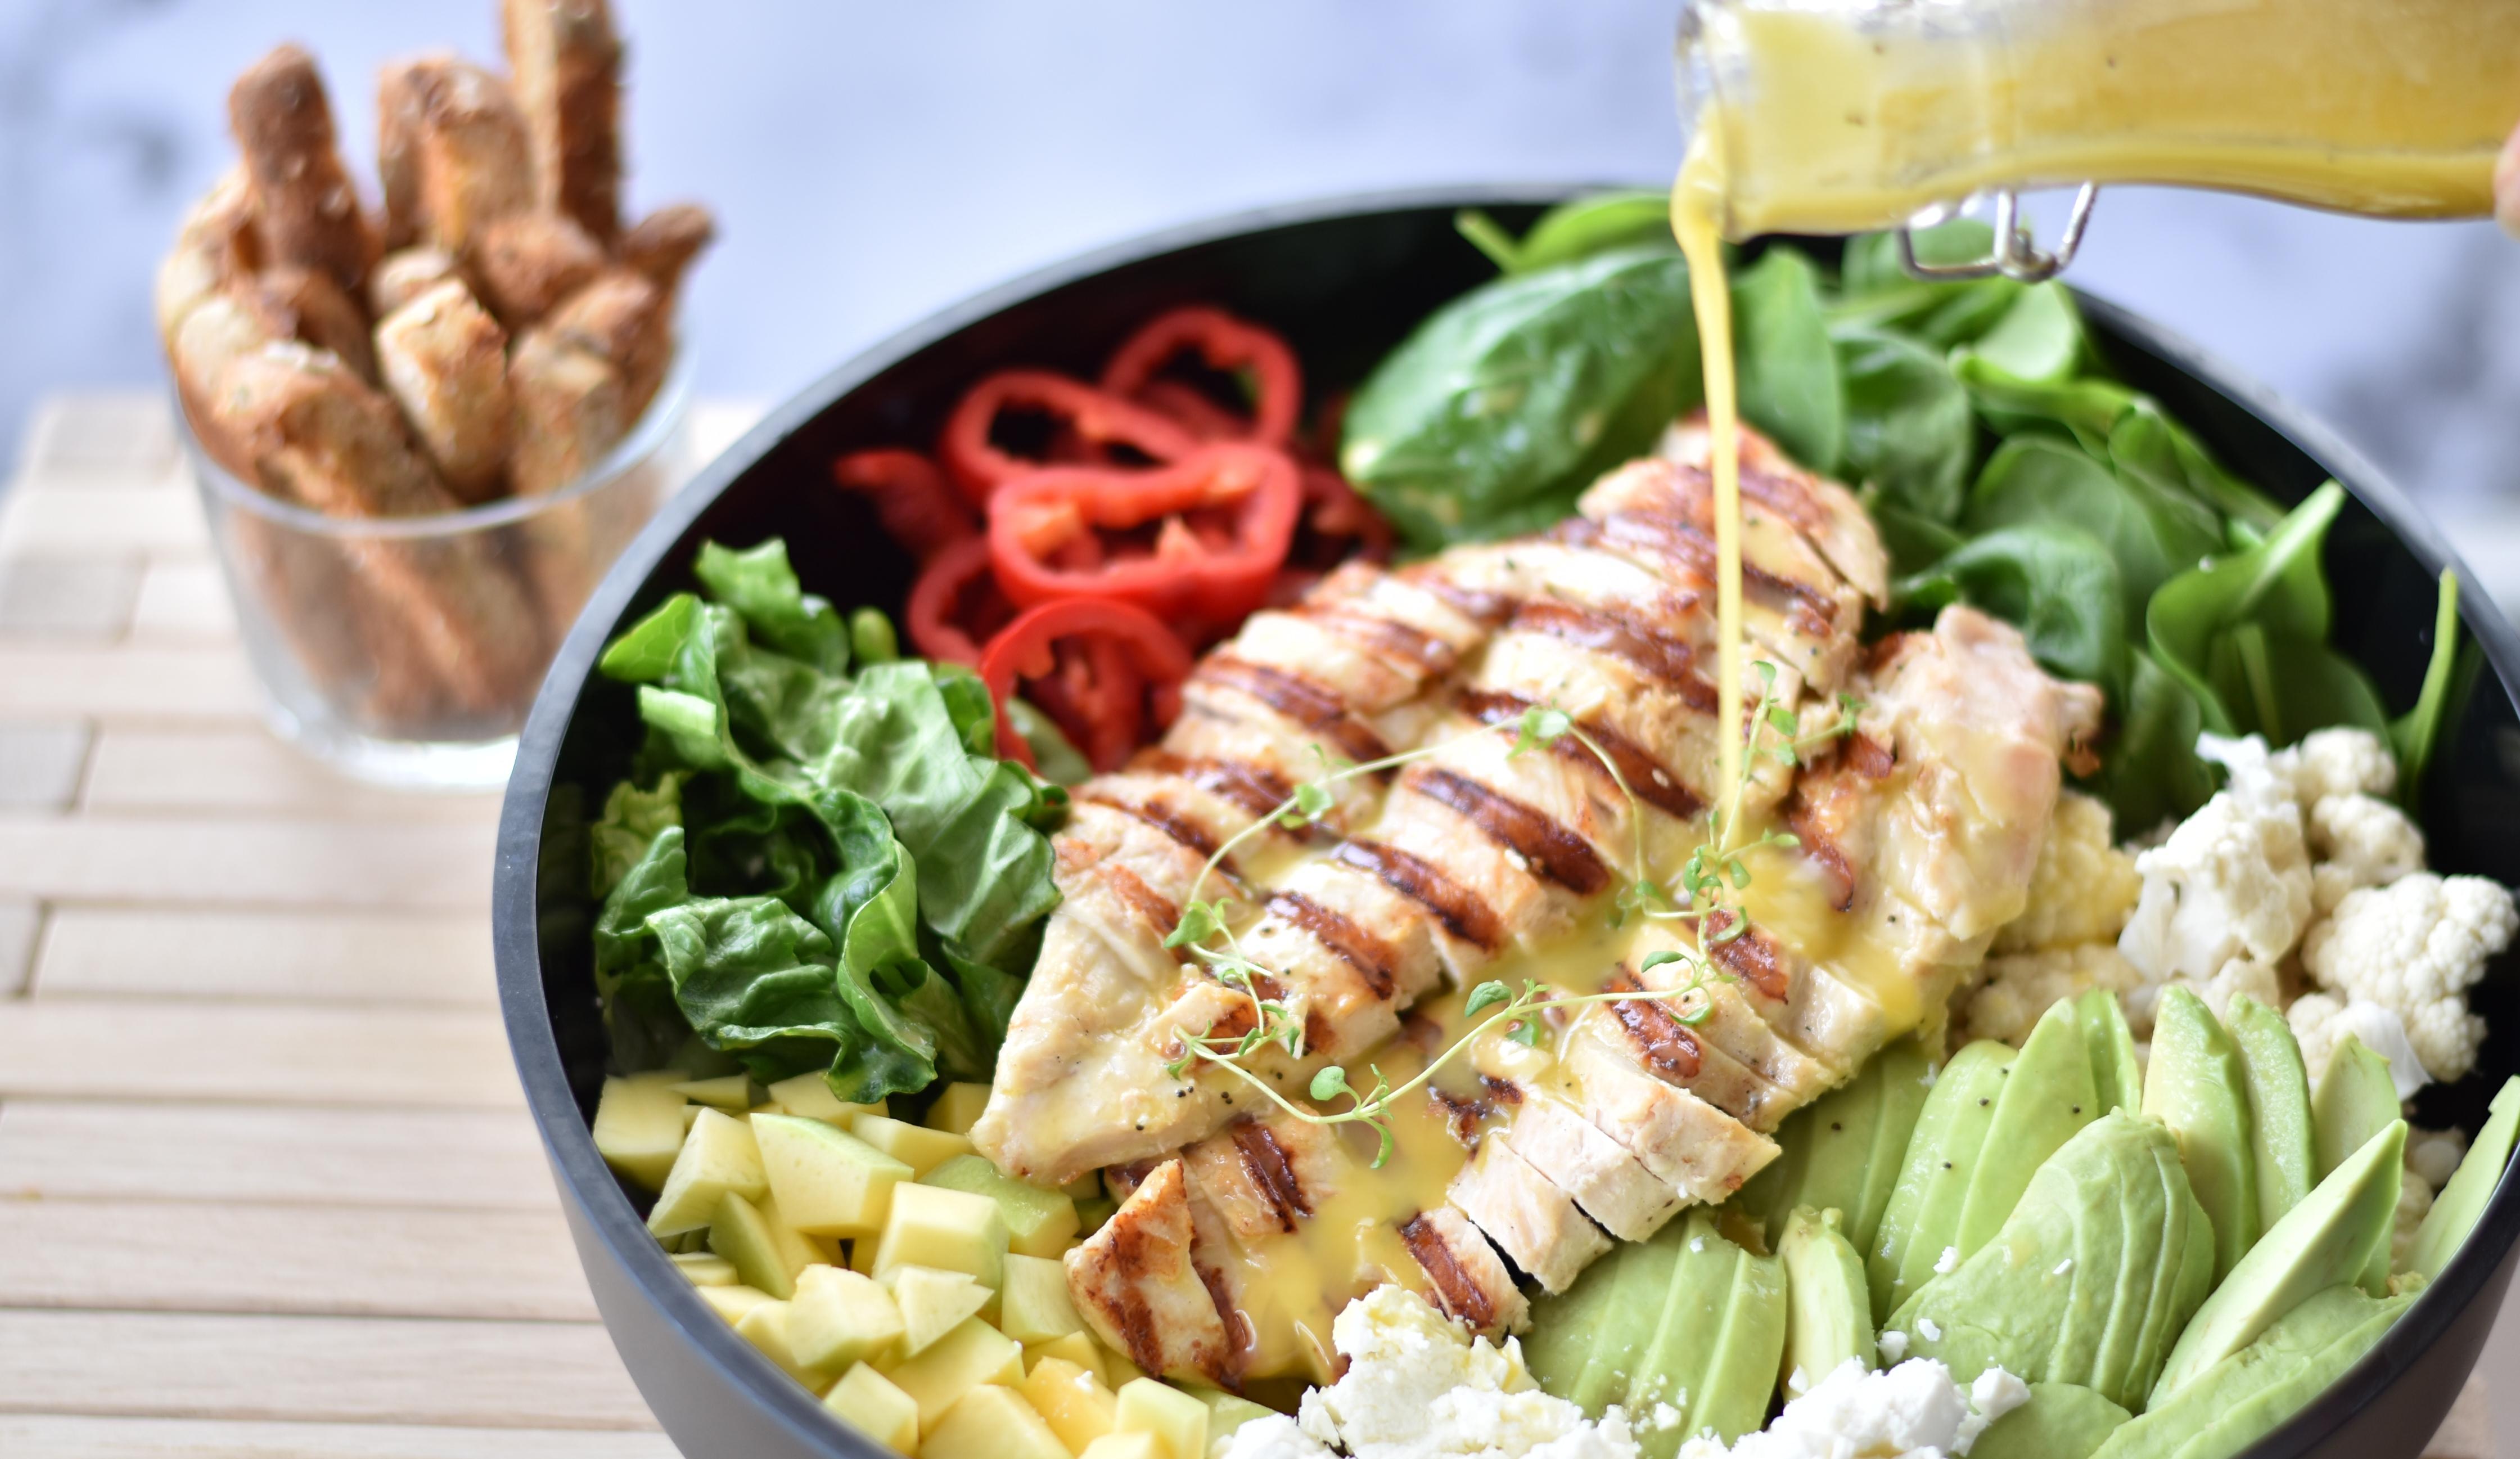 Sprød salat med grillet kyllingebryst og appelsindressing